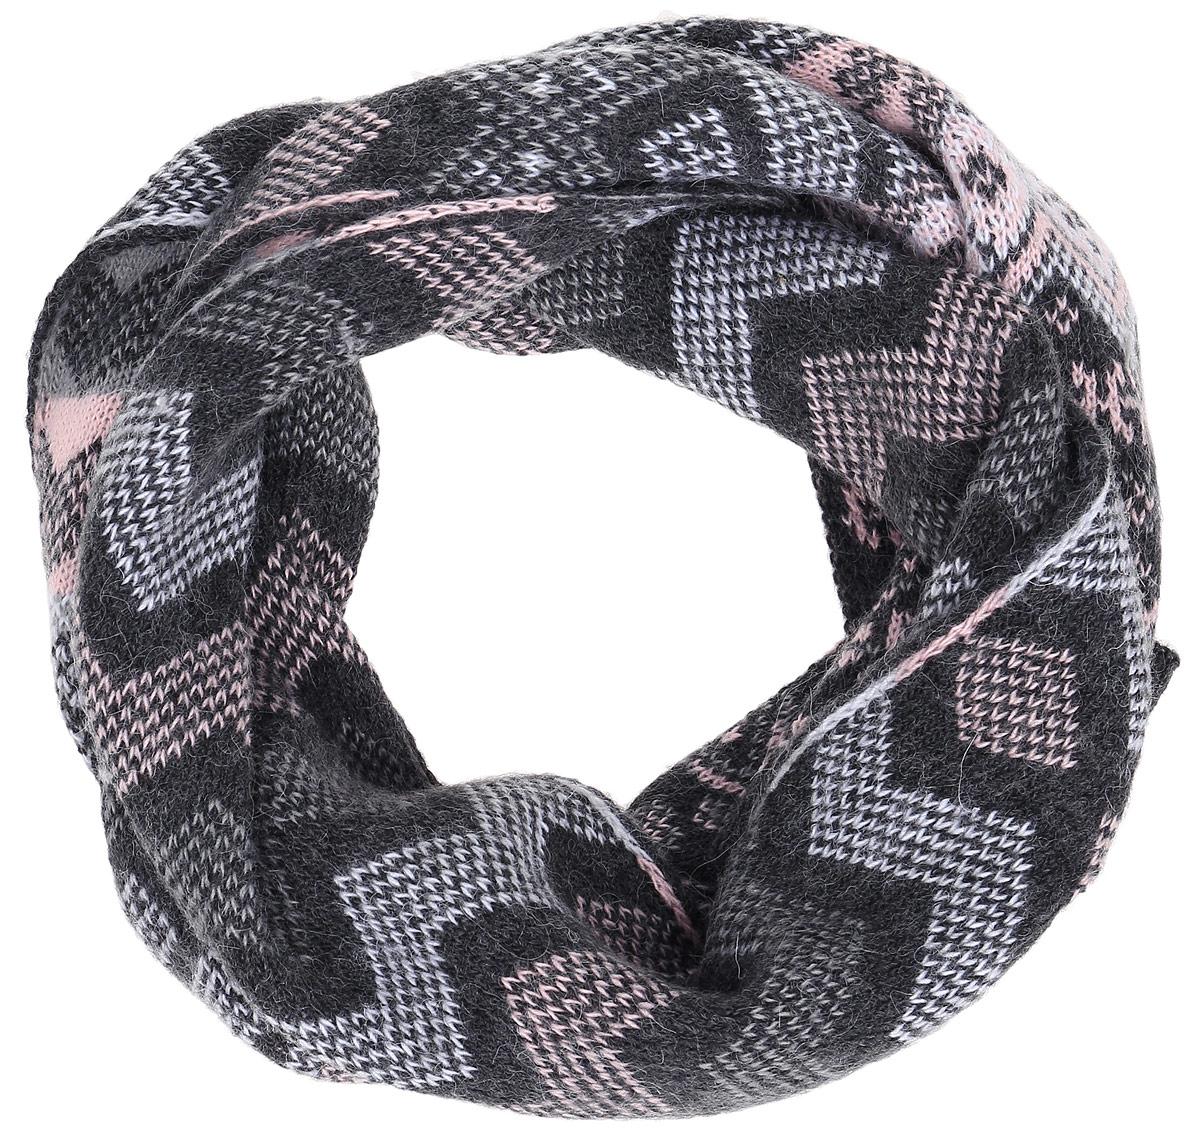 Шарф женский Finn Flare, цвет: темно-серый, серый, розовый. A16-12137_204. Размер 164 см х 22 см